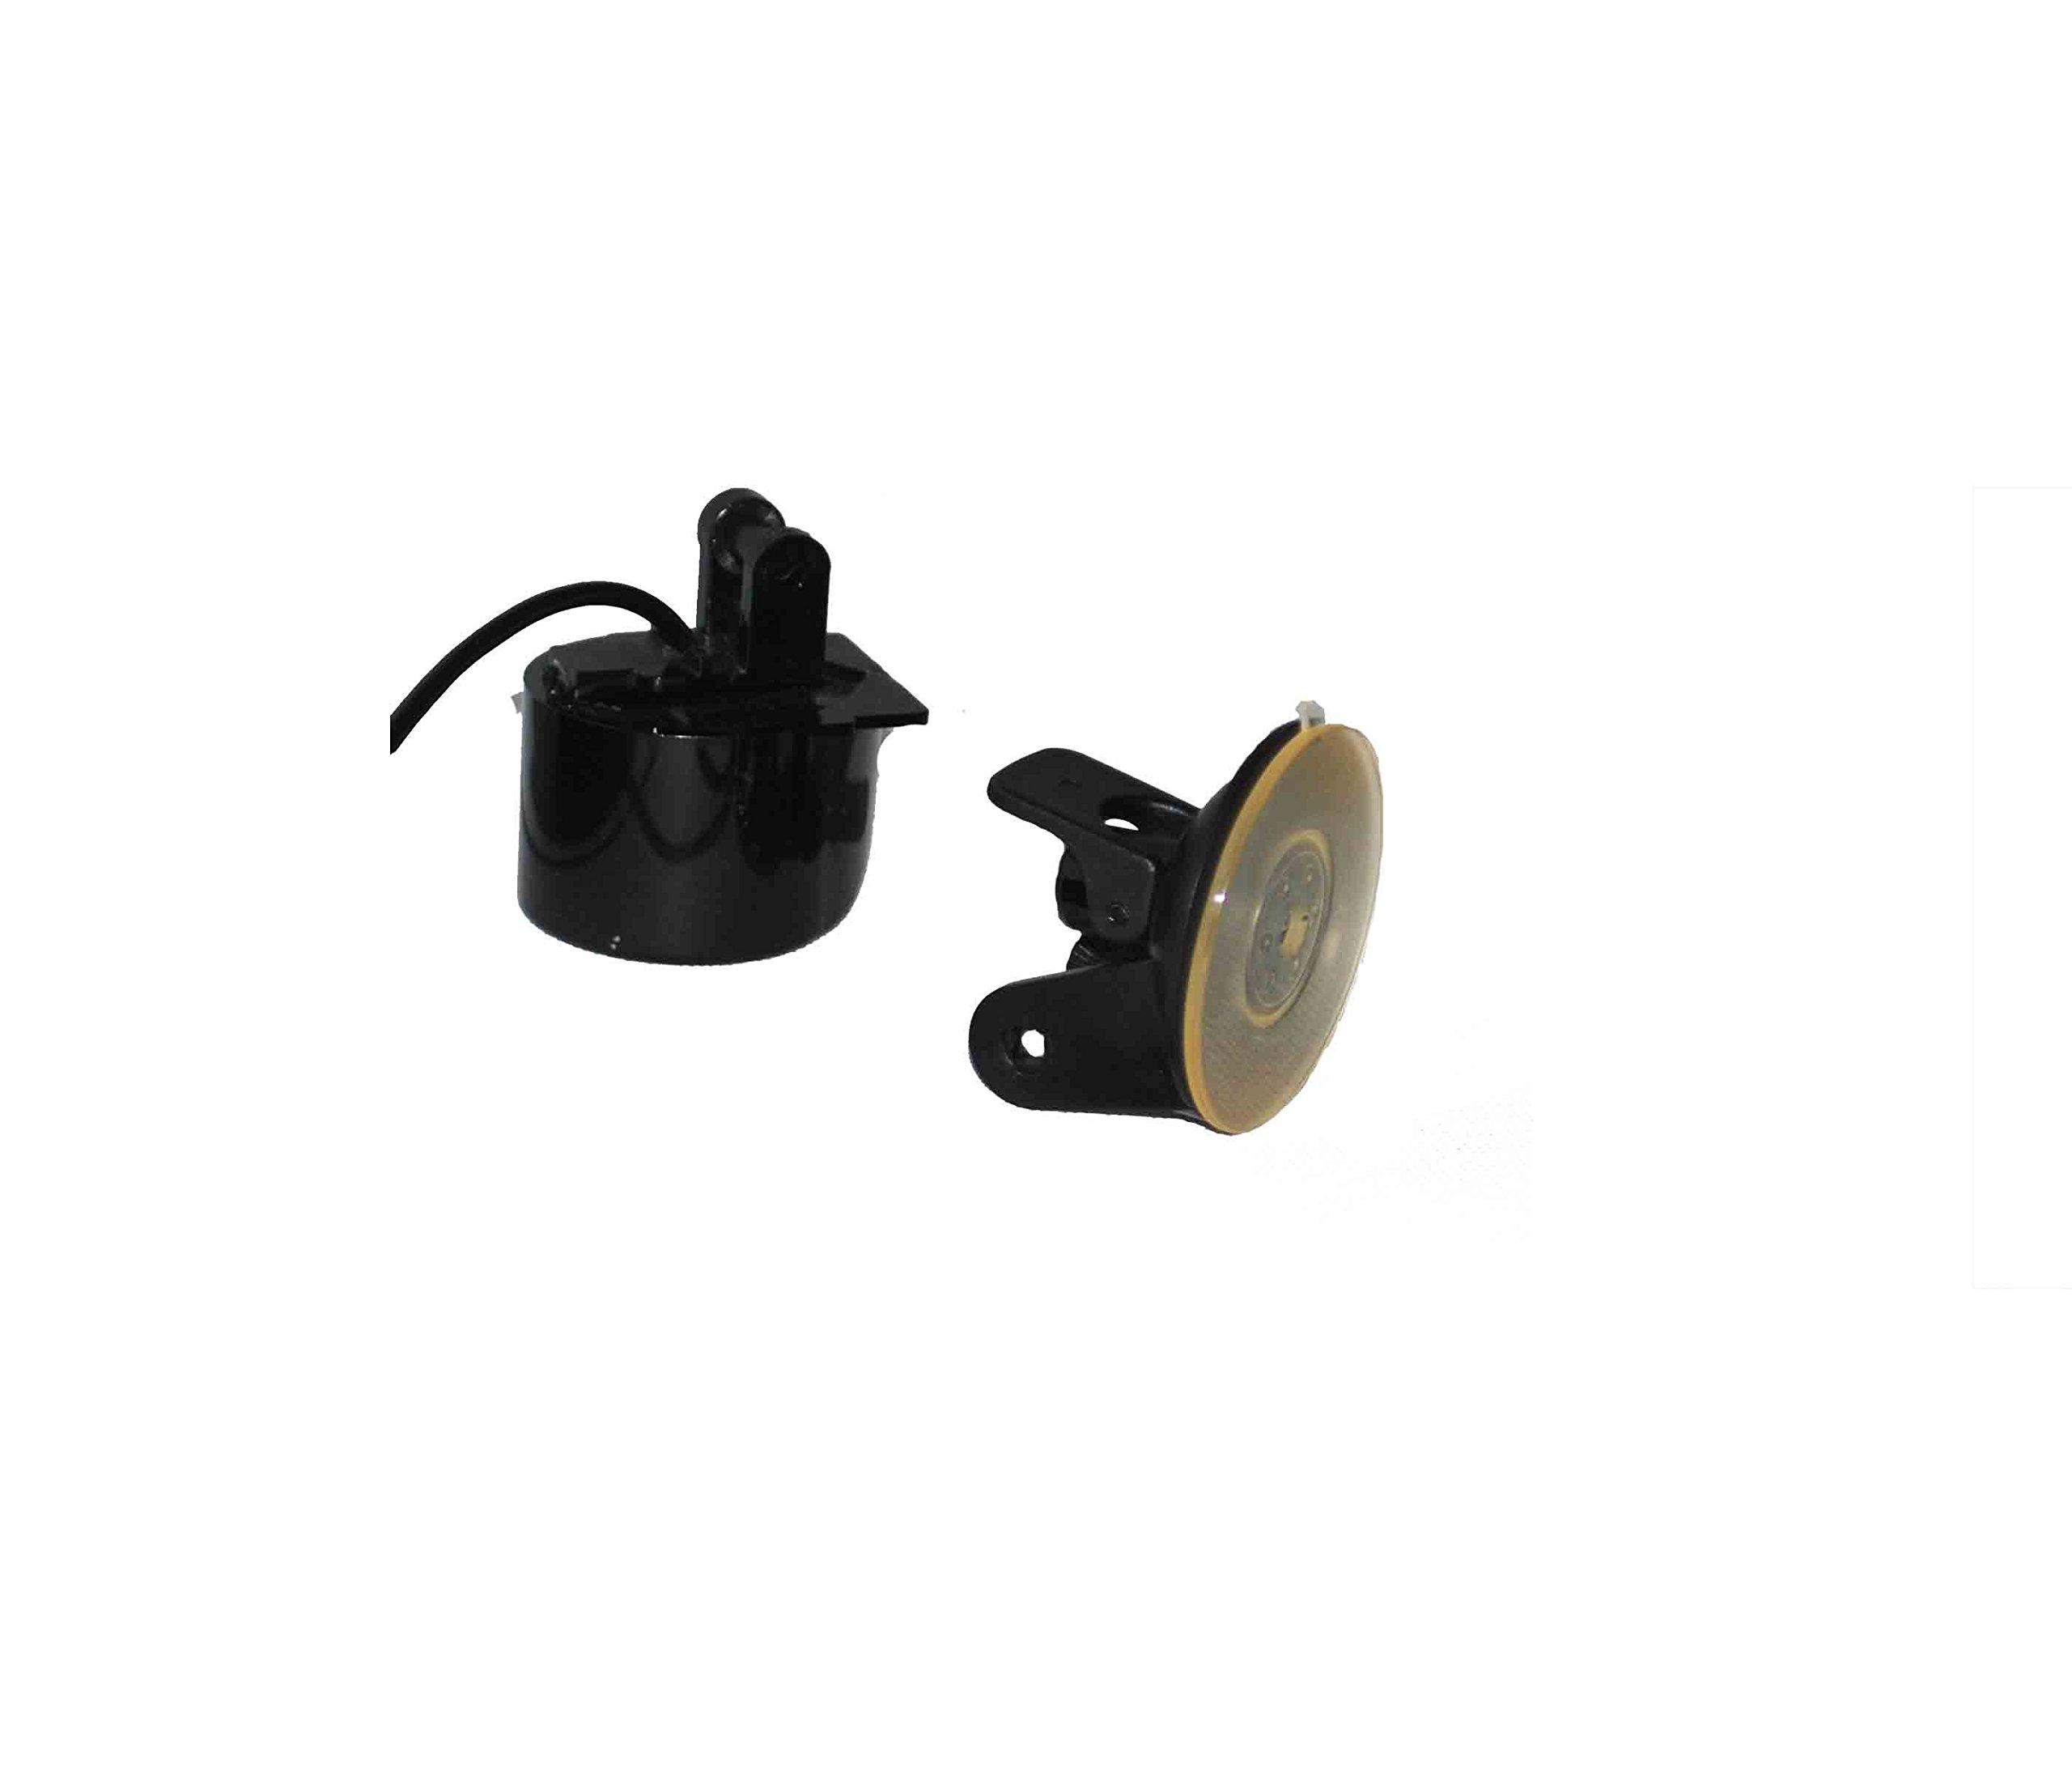 HawkEye ACC-FF-1789 Suction Cup Transducer Mount by HawkEye